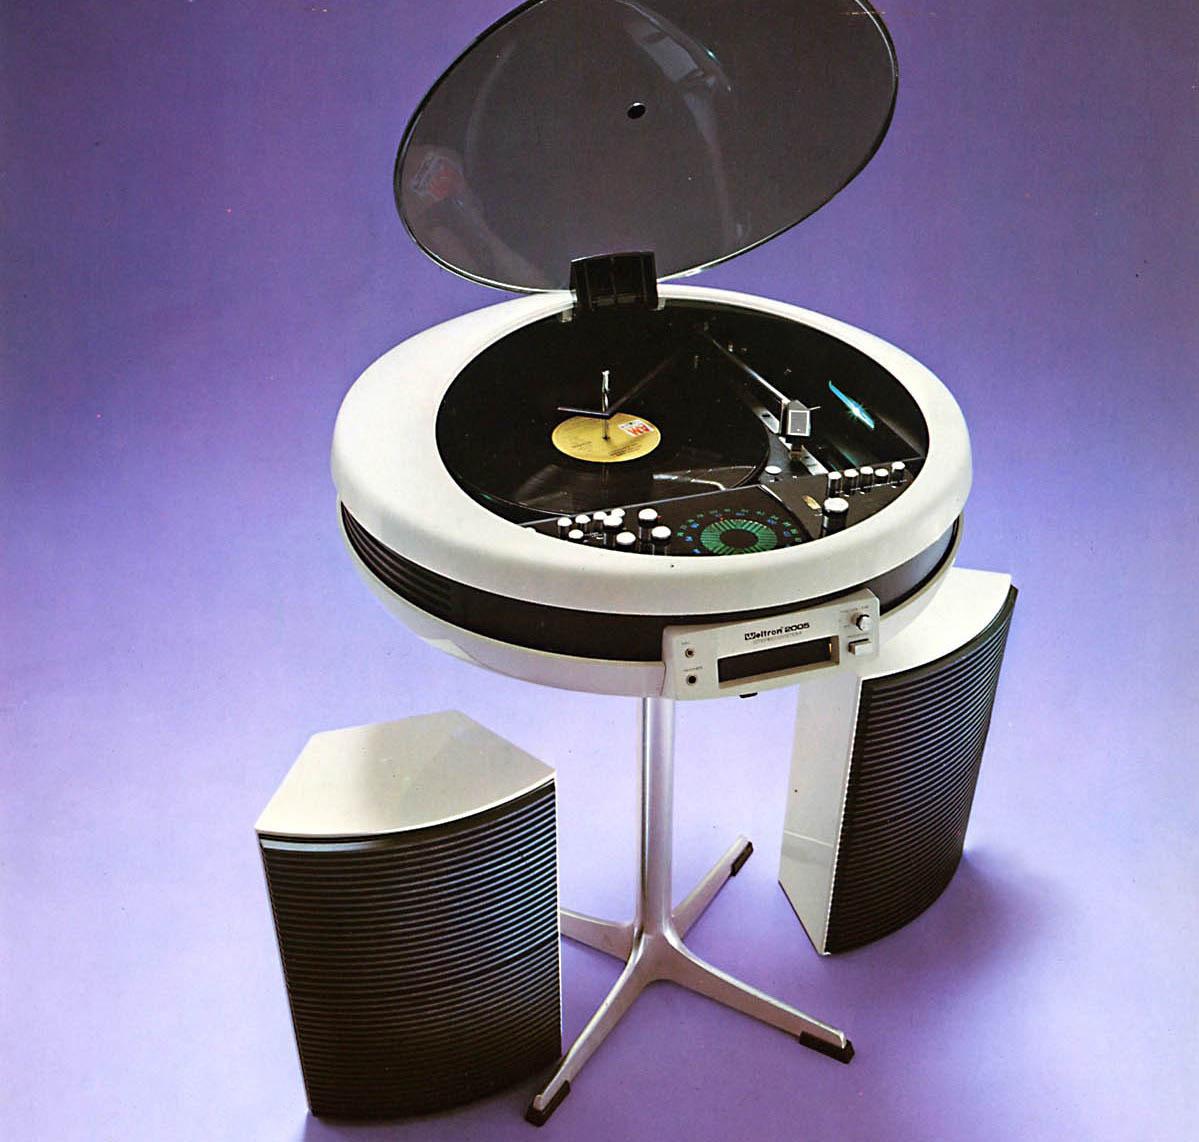 15 самых удивительных музыкальных проигрывателей времен космической эпохи